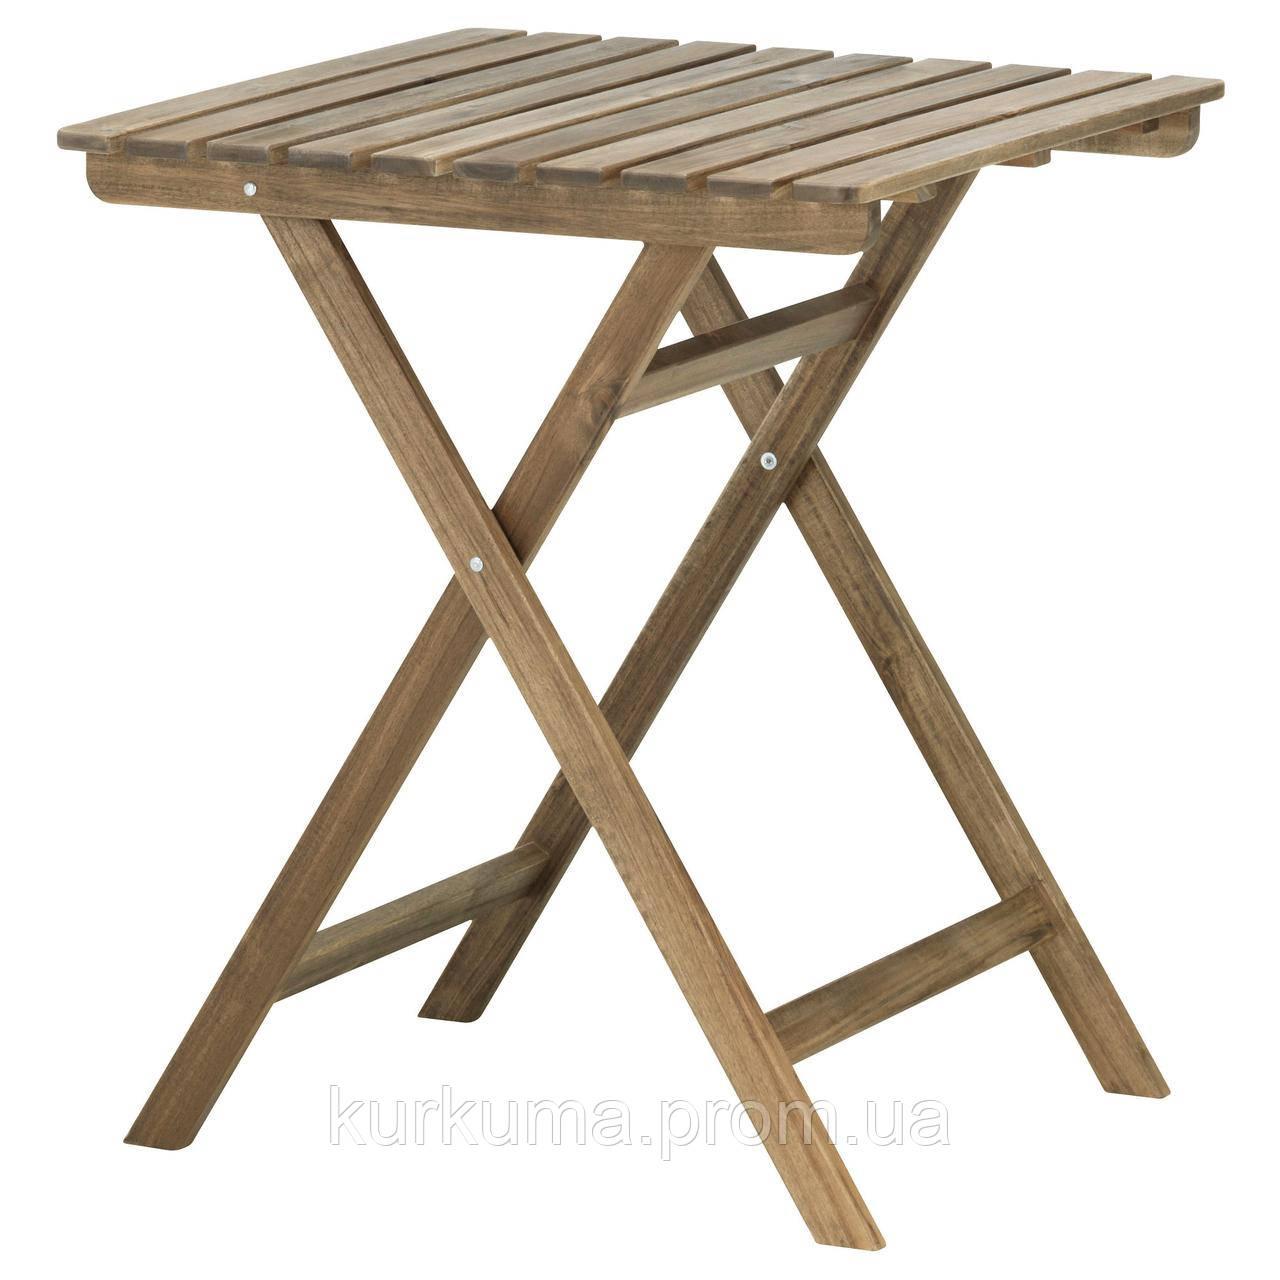 IKEA ASKHOLMEN Садовый пристенный стол светло-коричневый (602.400.35)